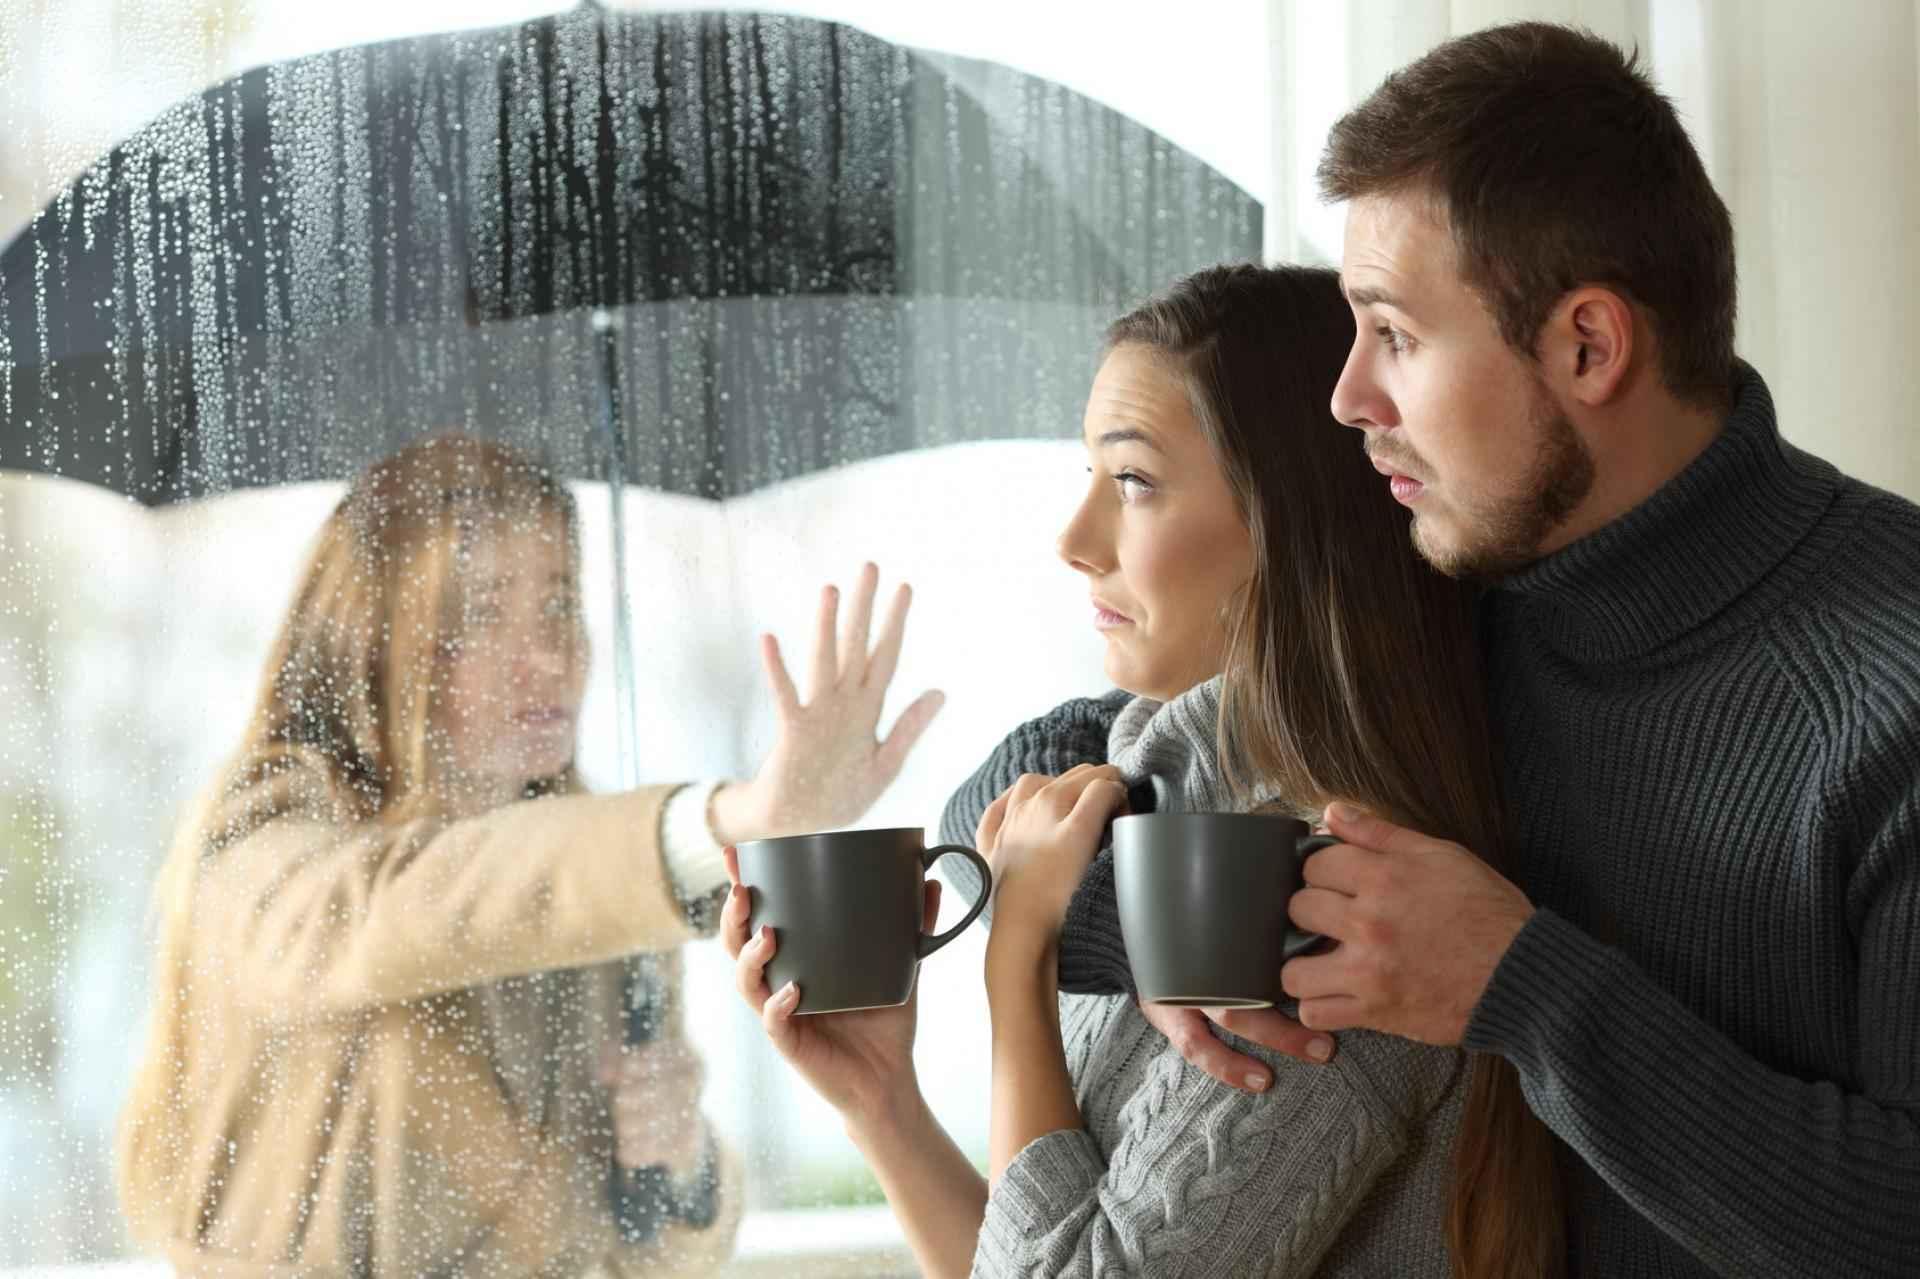 Signes que vous n'avez pas décroché de votre ex - et comment passer à autre chose SDC.com